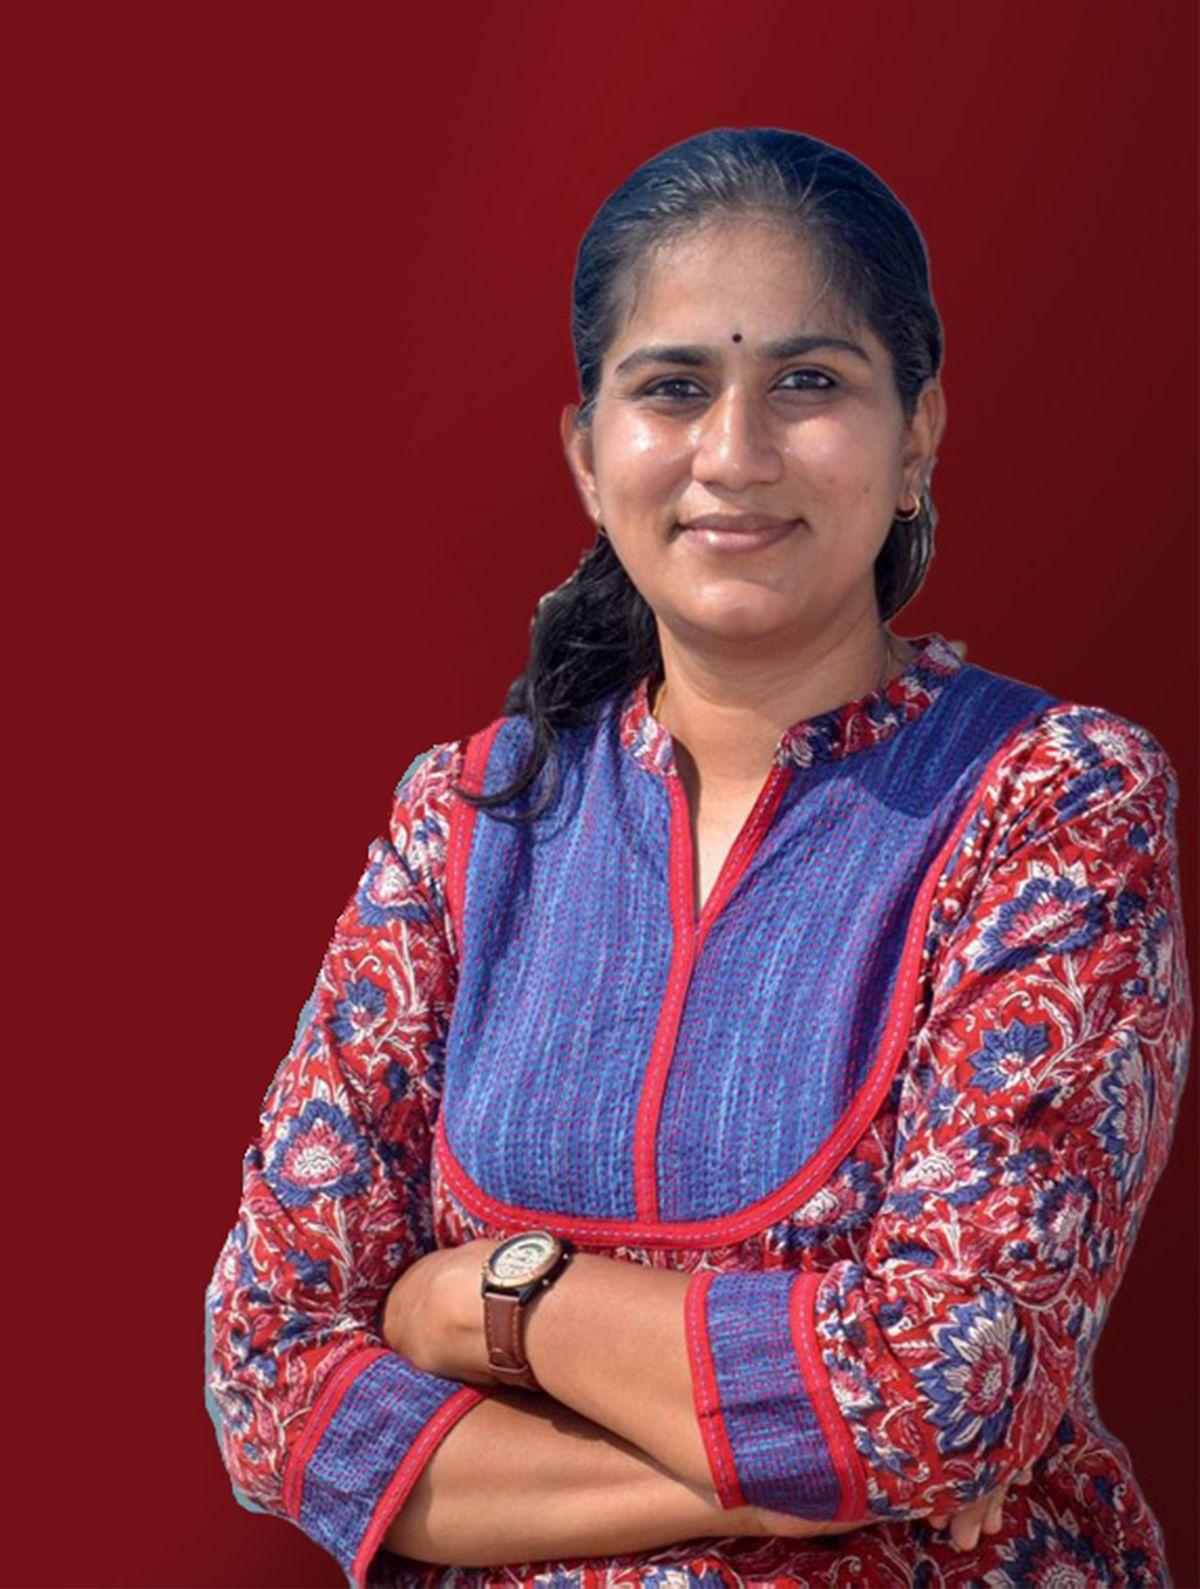 லக்ஷ்மி ராமச்சந்திரன்